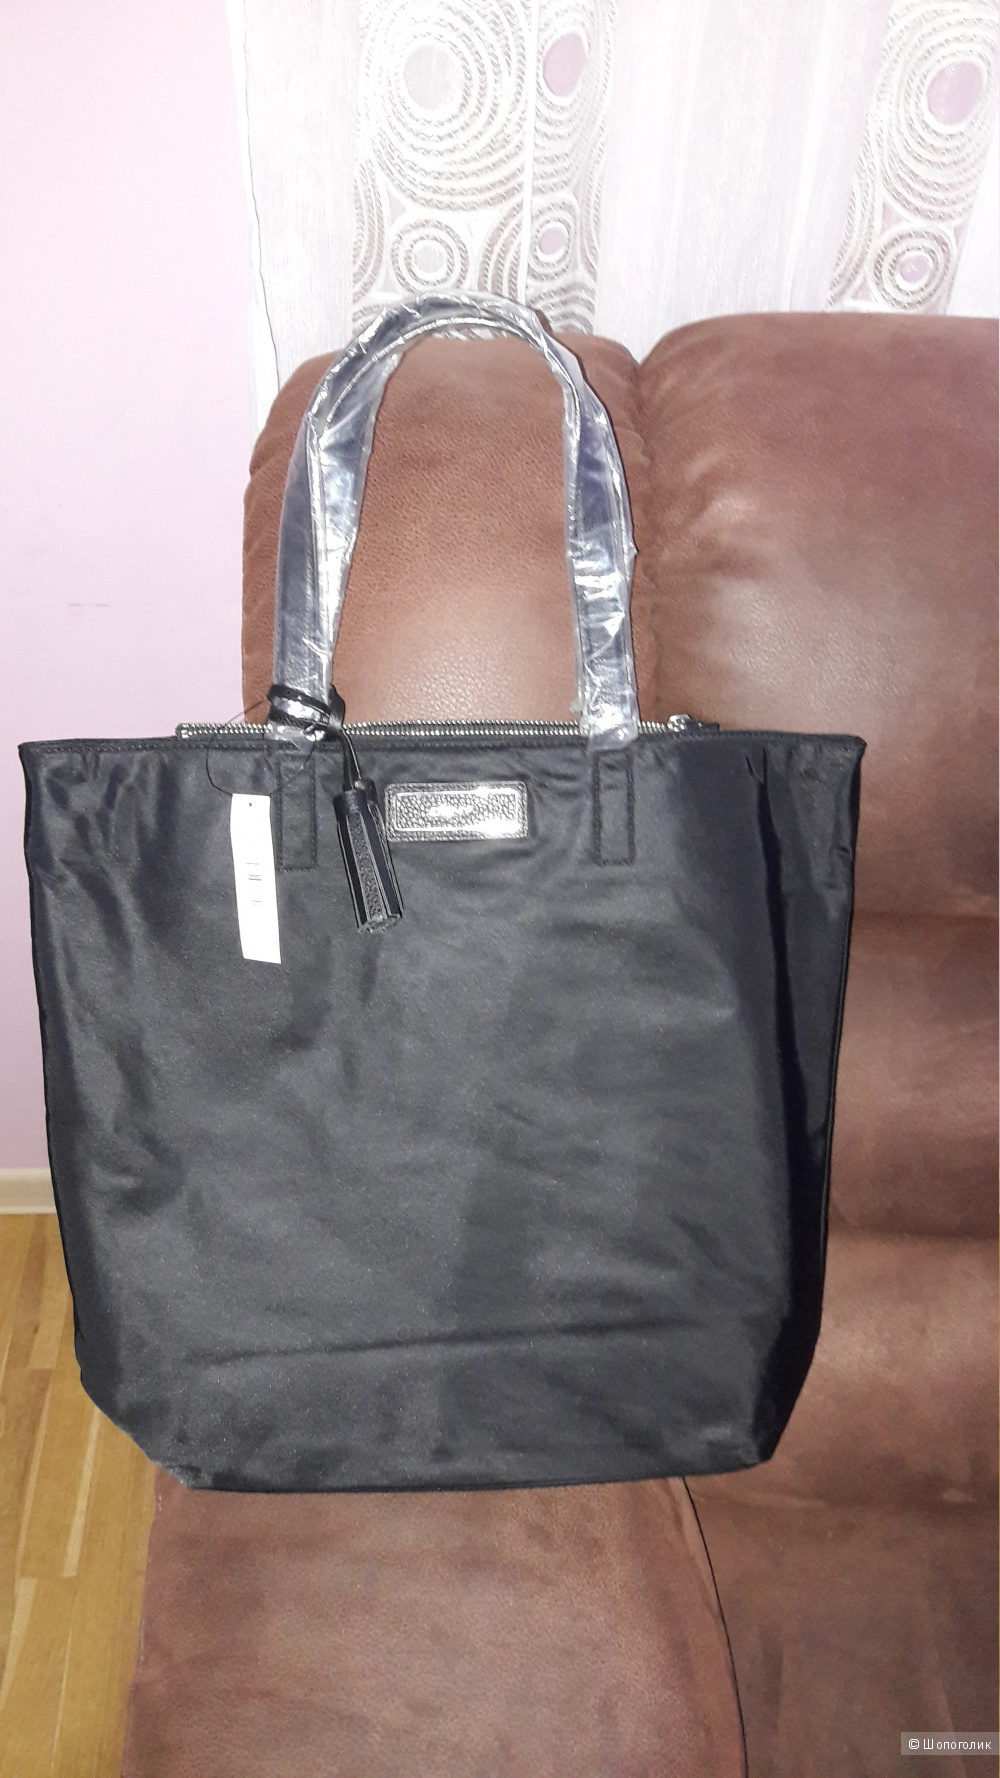 Новая сумка-шоппер  DKNY оригинал с отделкой из натуральной кожи